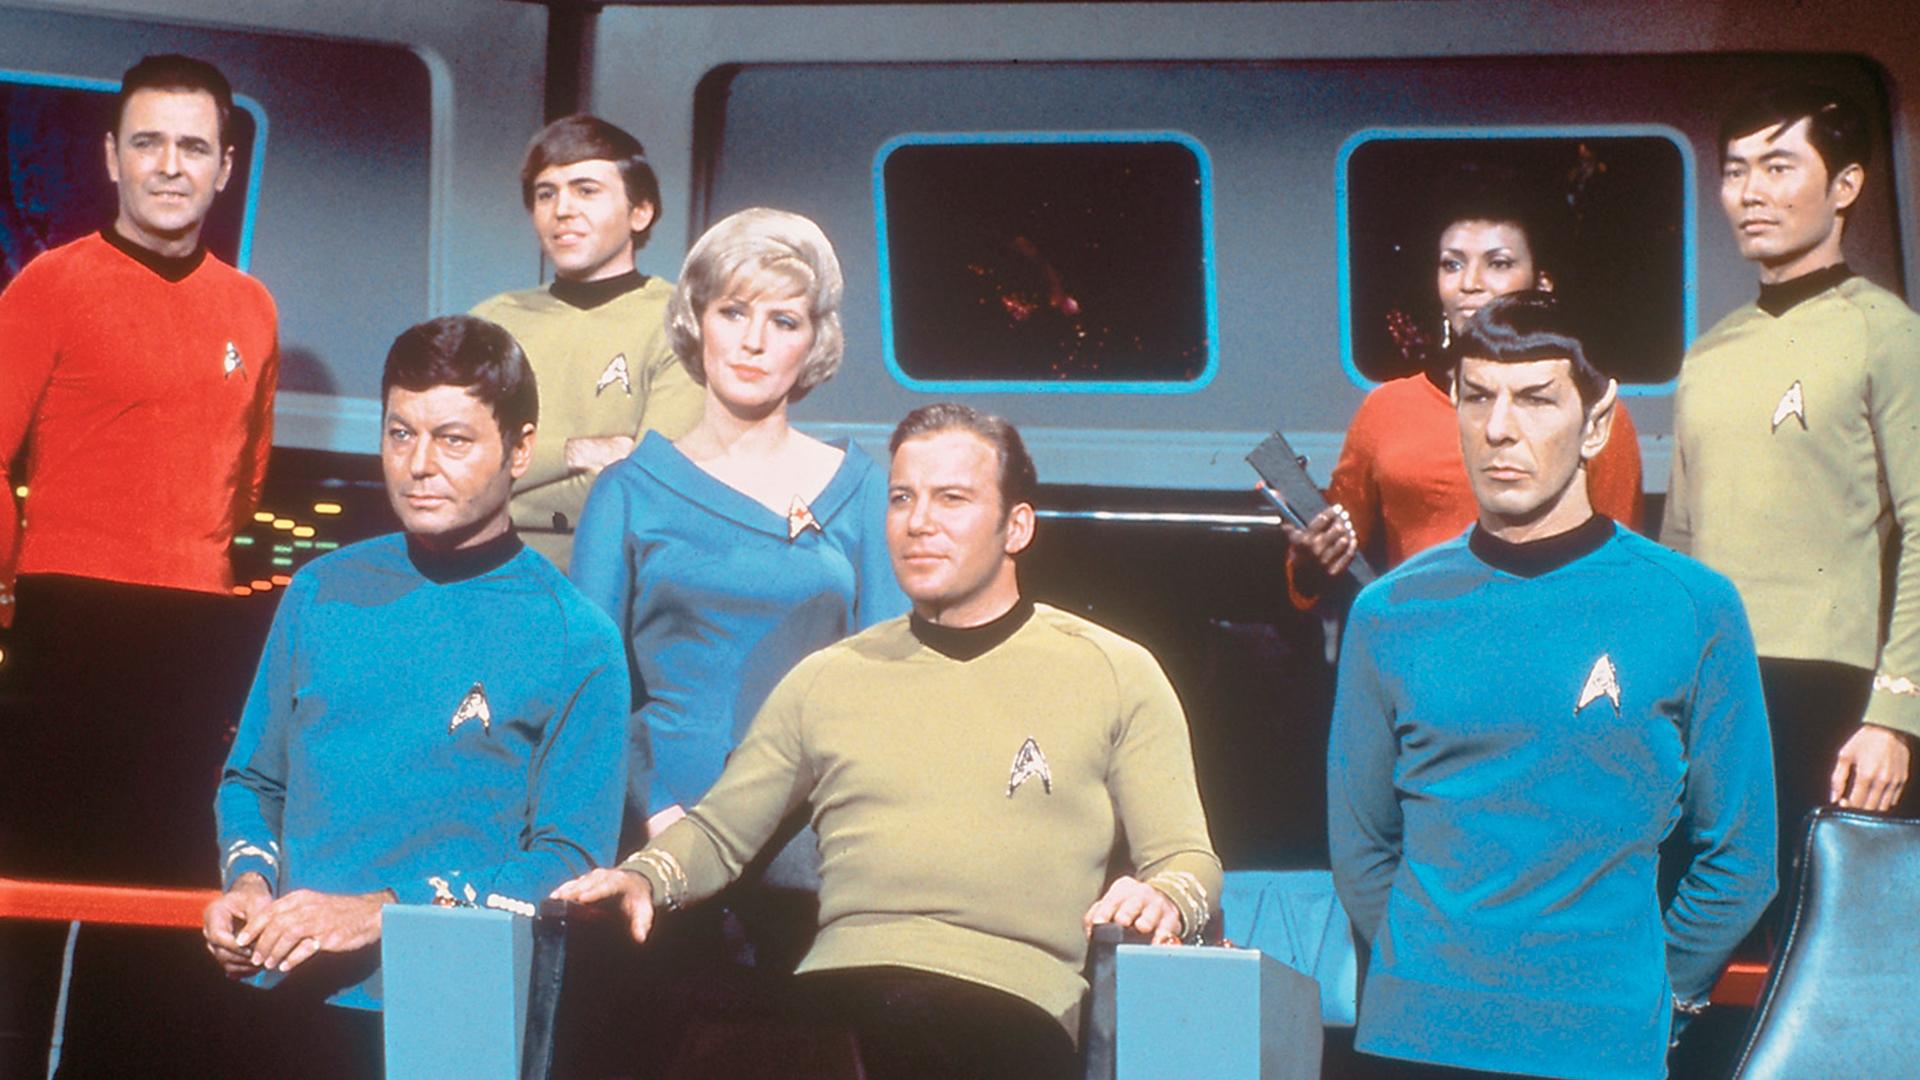 El cartell de Sitges està dedicat a 'Star Trek'